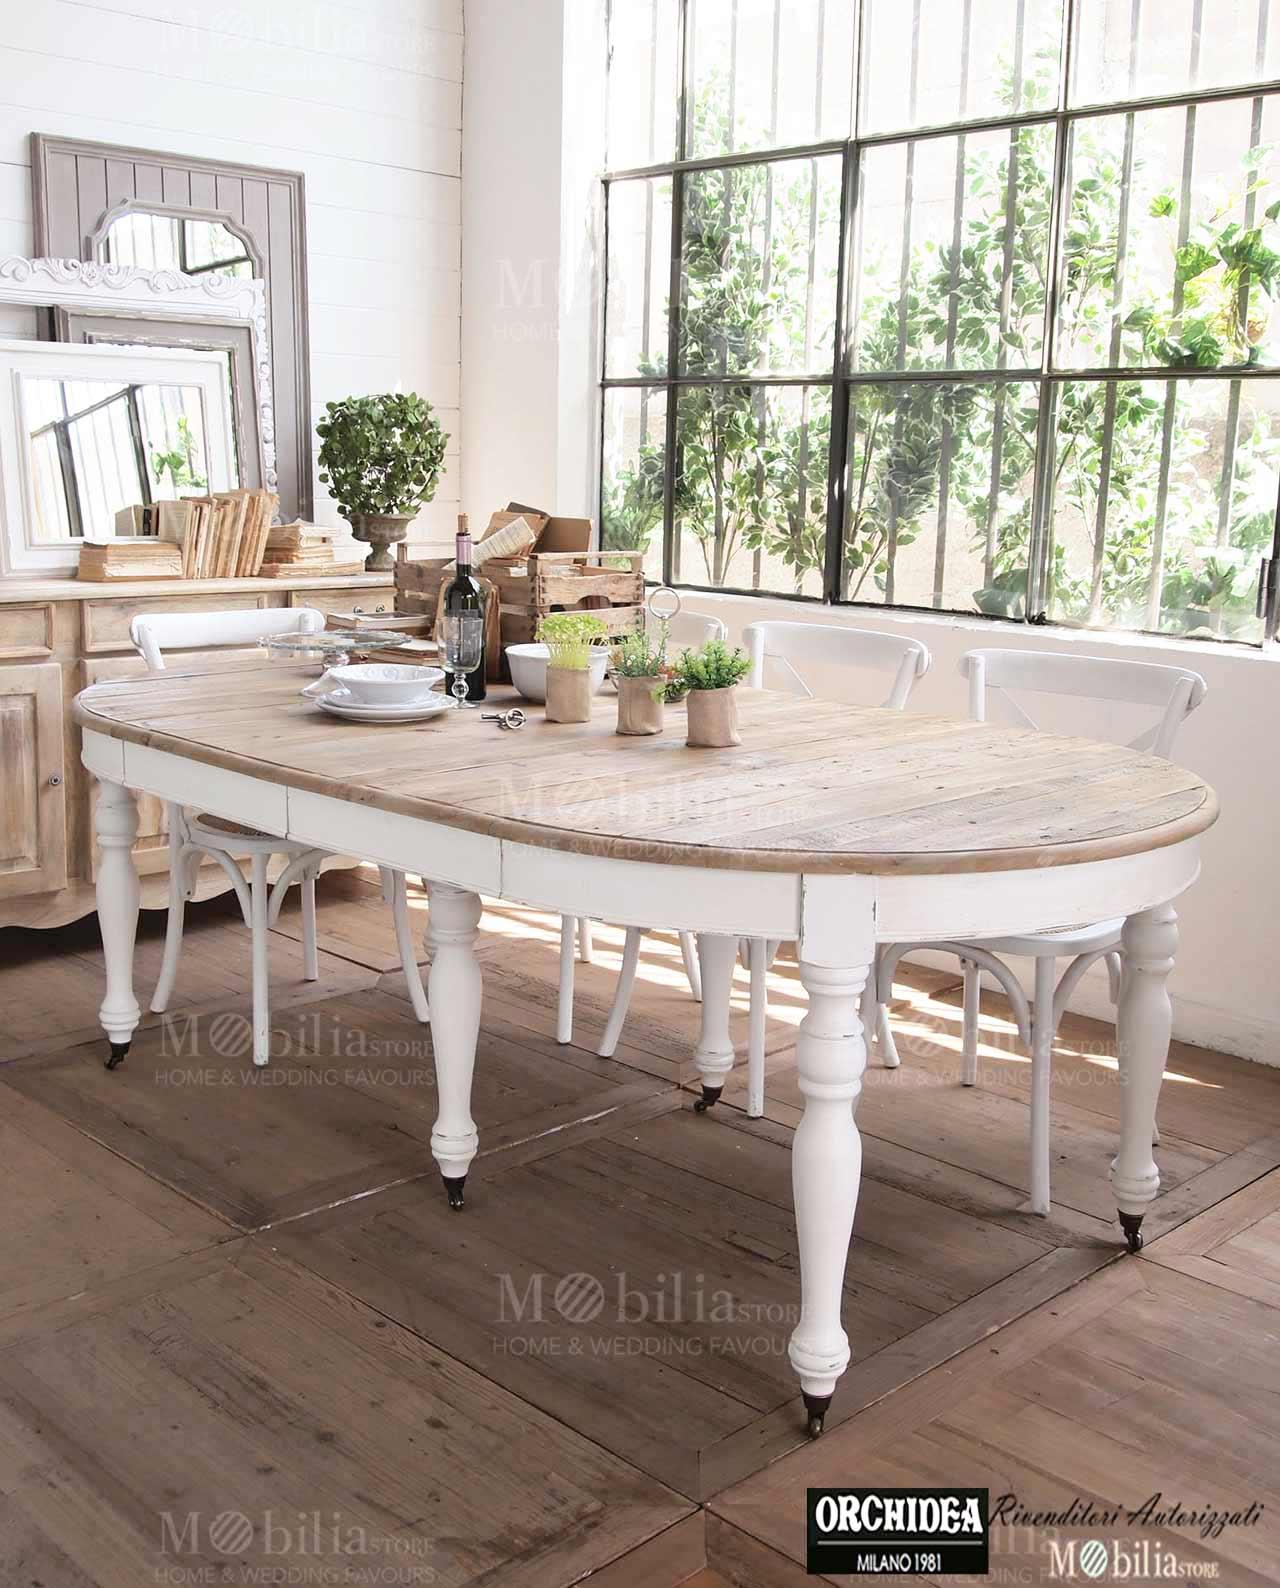 Tavolo Rotondo Allungabile top Legno Pino Shabby Chic – Mobilia Store Home & Favours